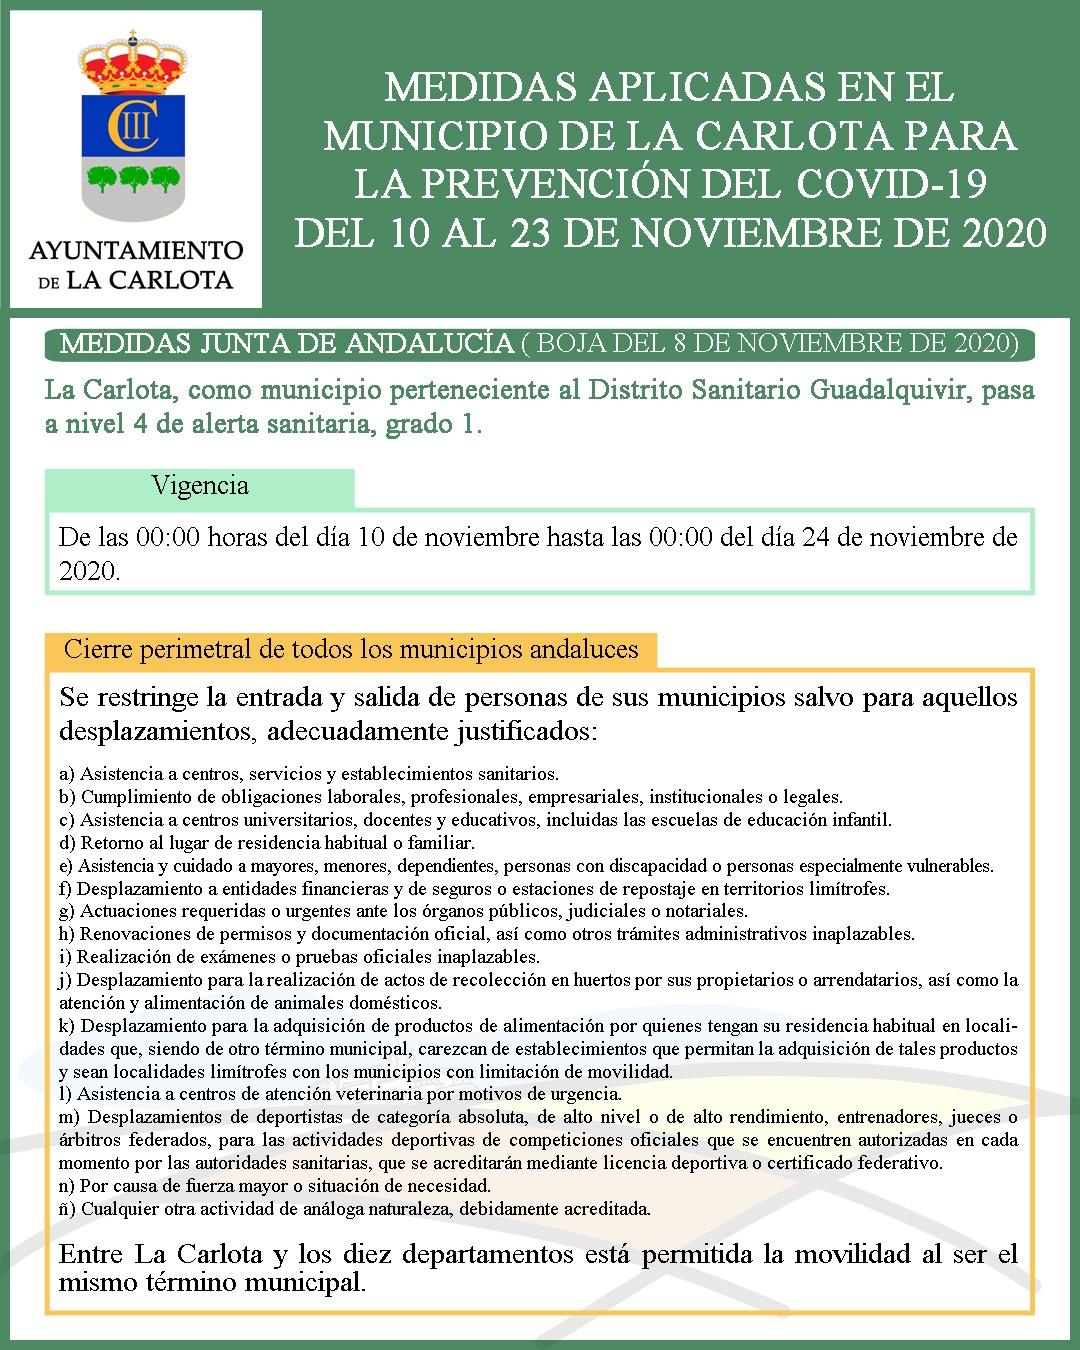 MEDIDAS APLICADAS EN EL  MUNICIPIO DE LA CARLOTA PARA  LA PREVENCIÓN DEL COVID-19  DEL 10 AL 23 DE NOVIEMBRE DE 2020   1